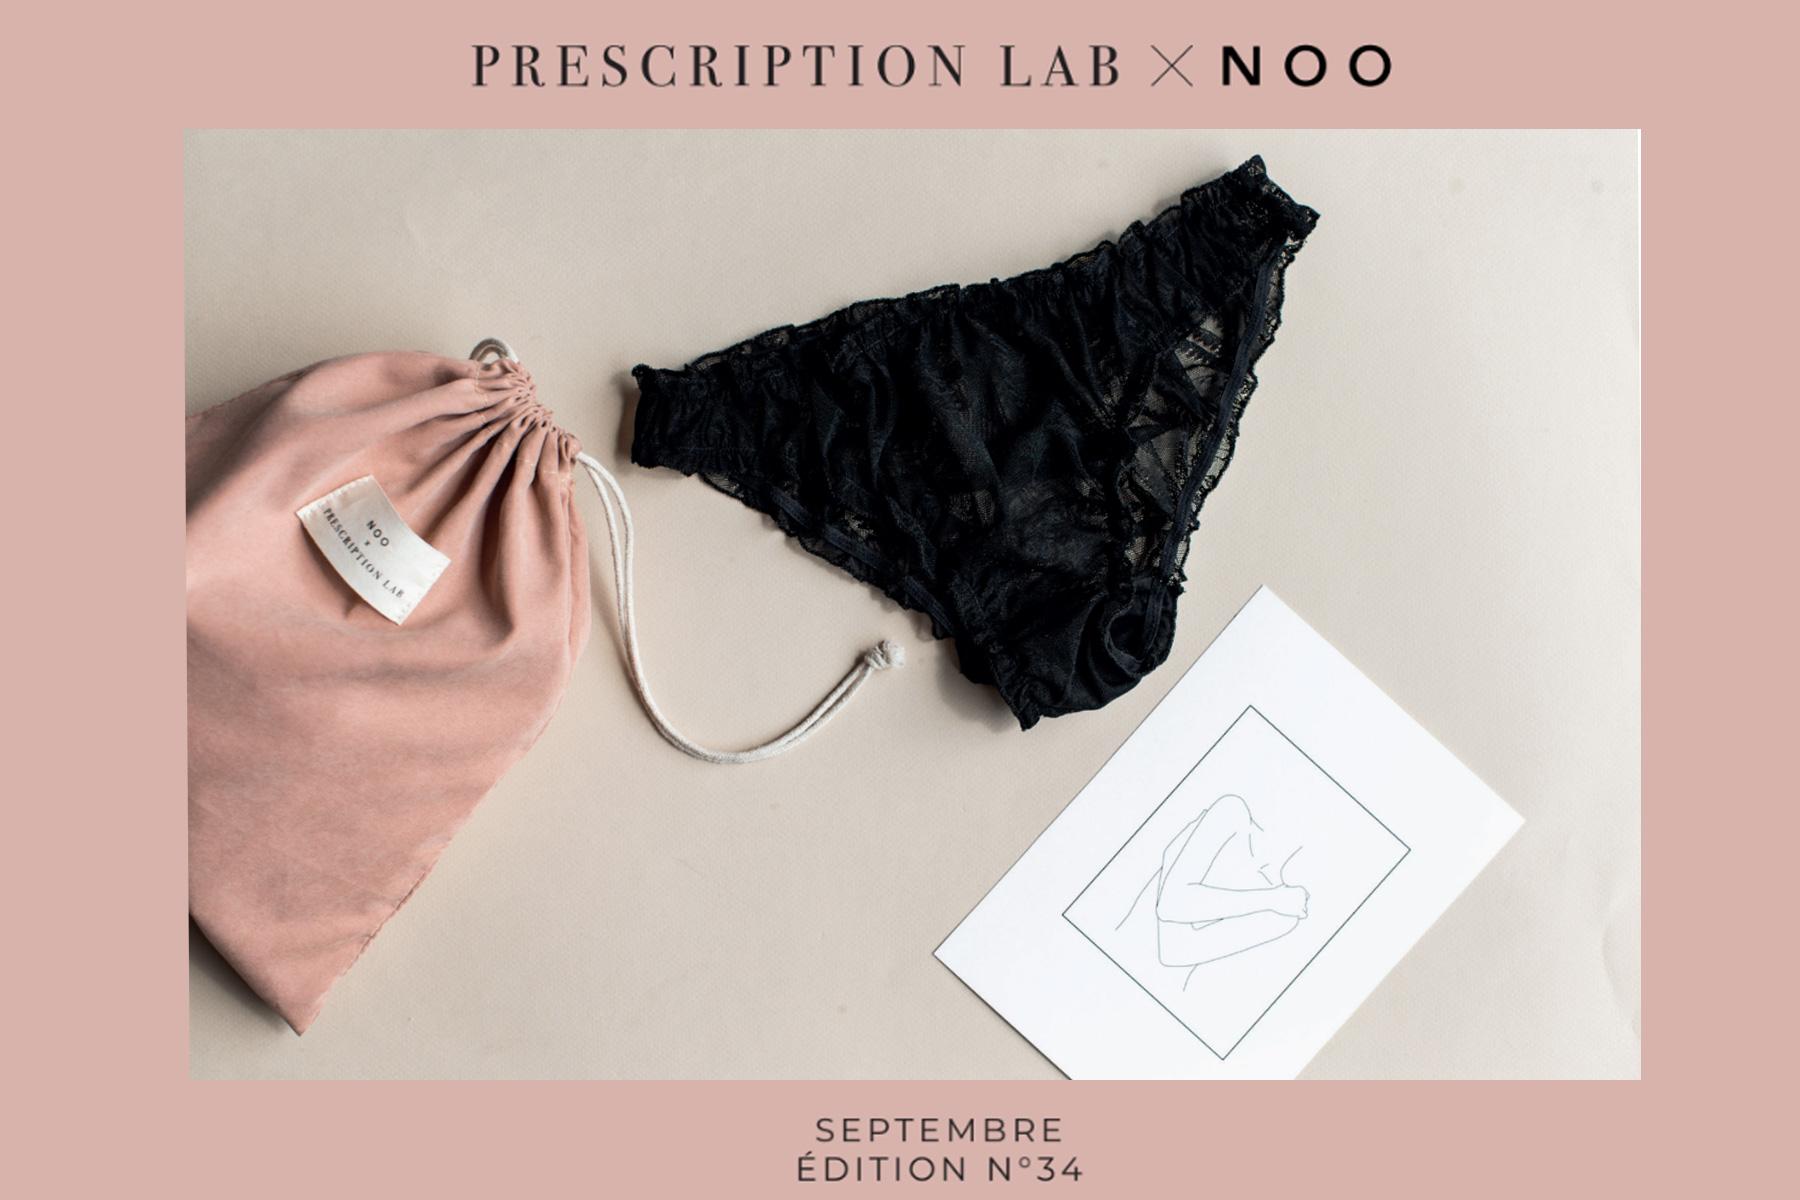 prescrition-lab-septembre-2019-contenu